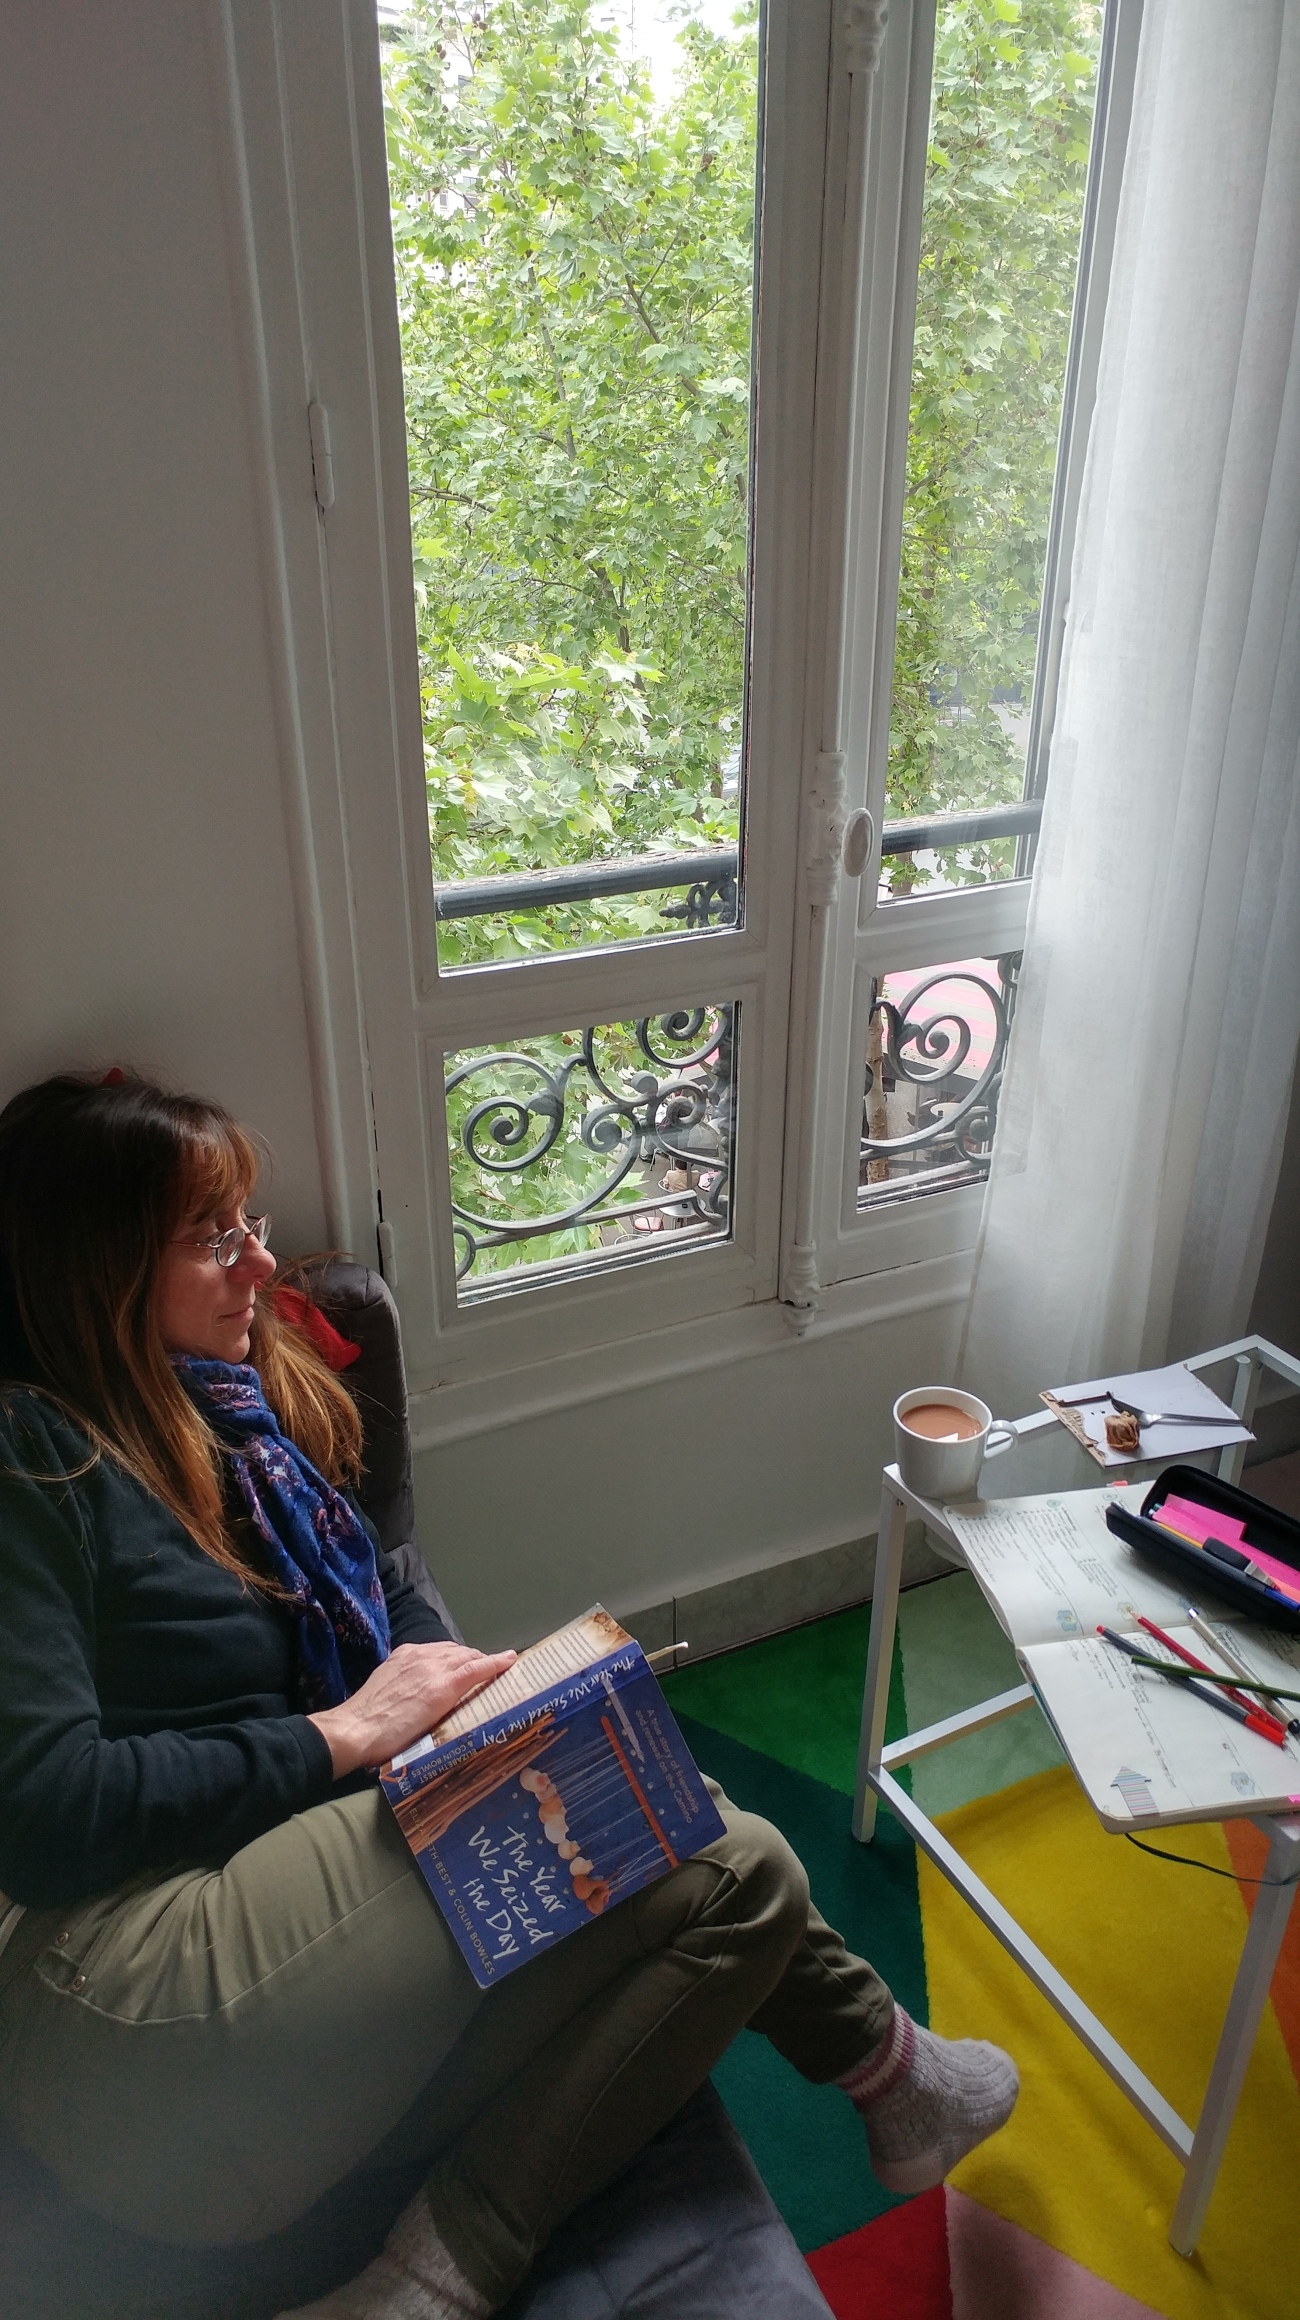 Nikki reading apartment 3